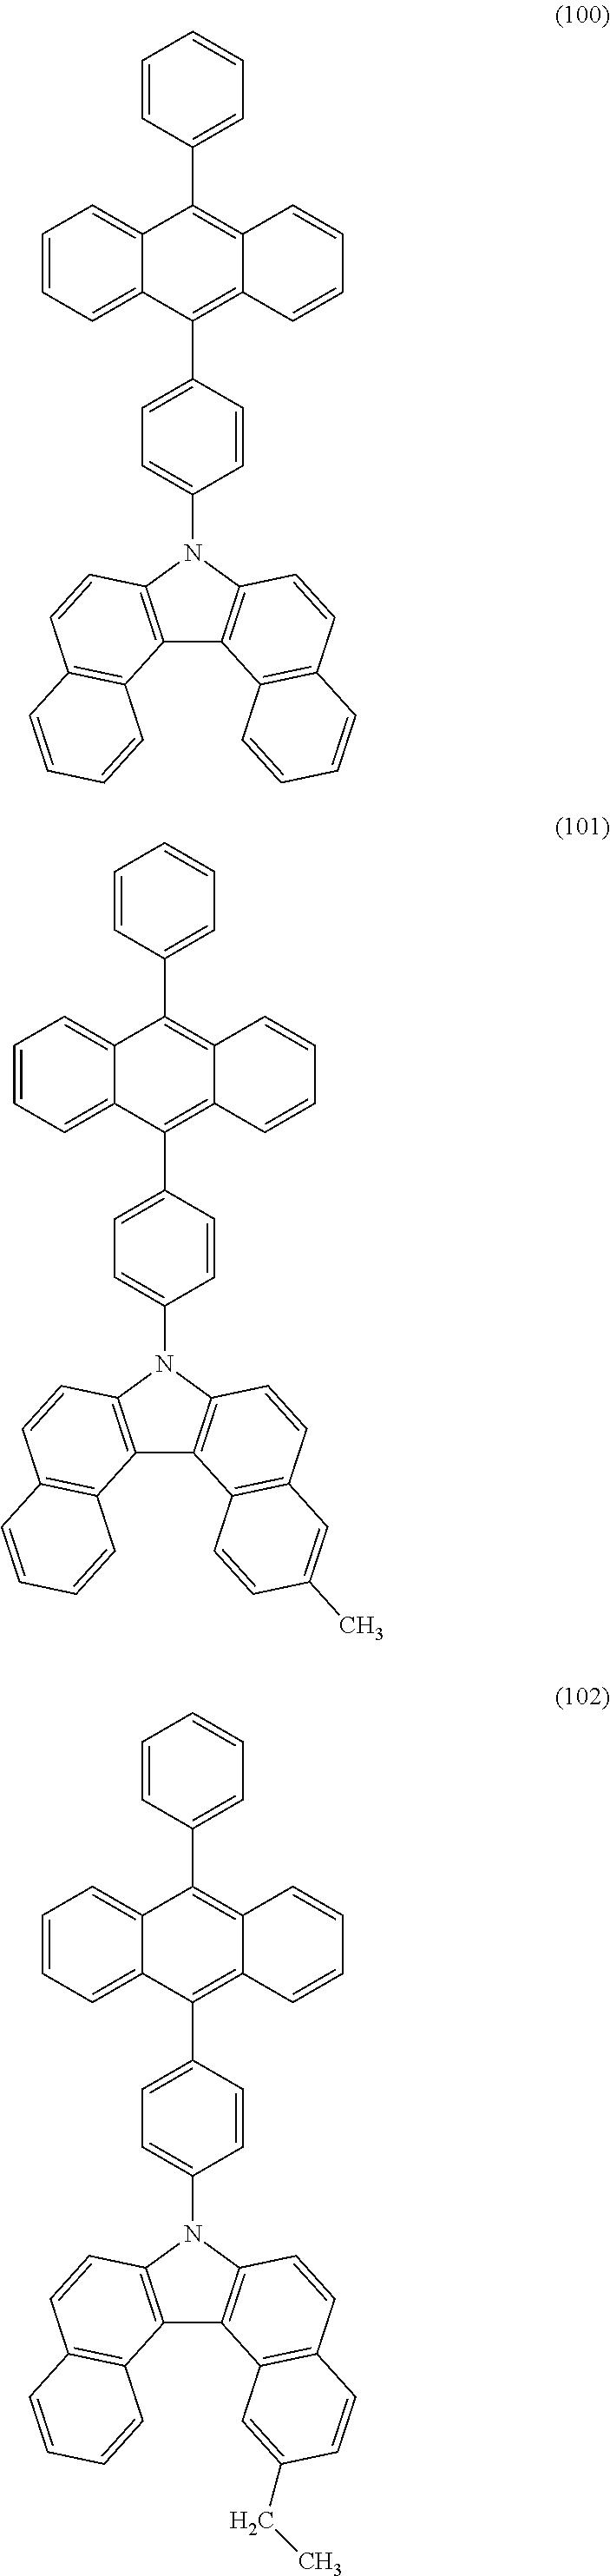 Figure US20130020561A1-20130124-C00043